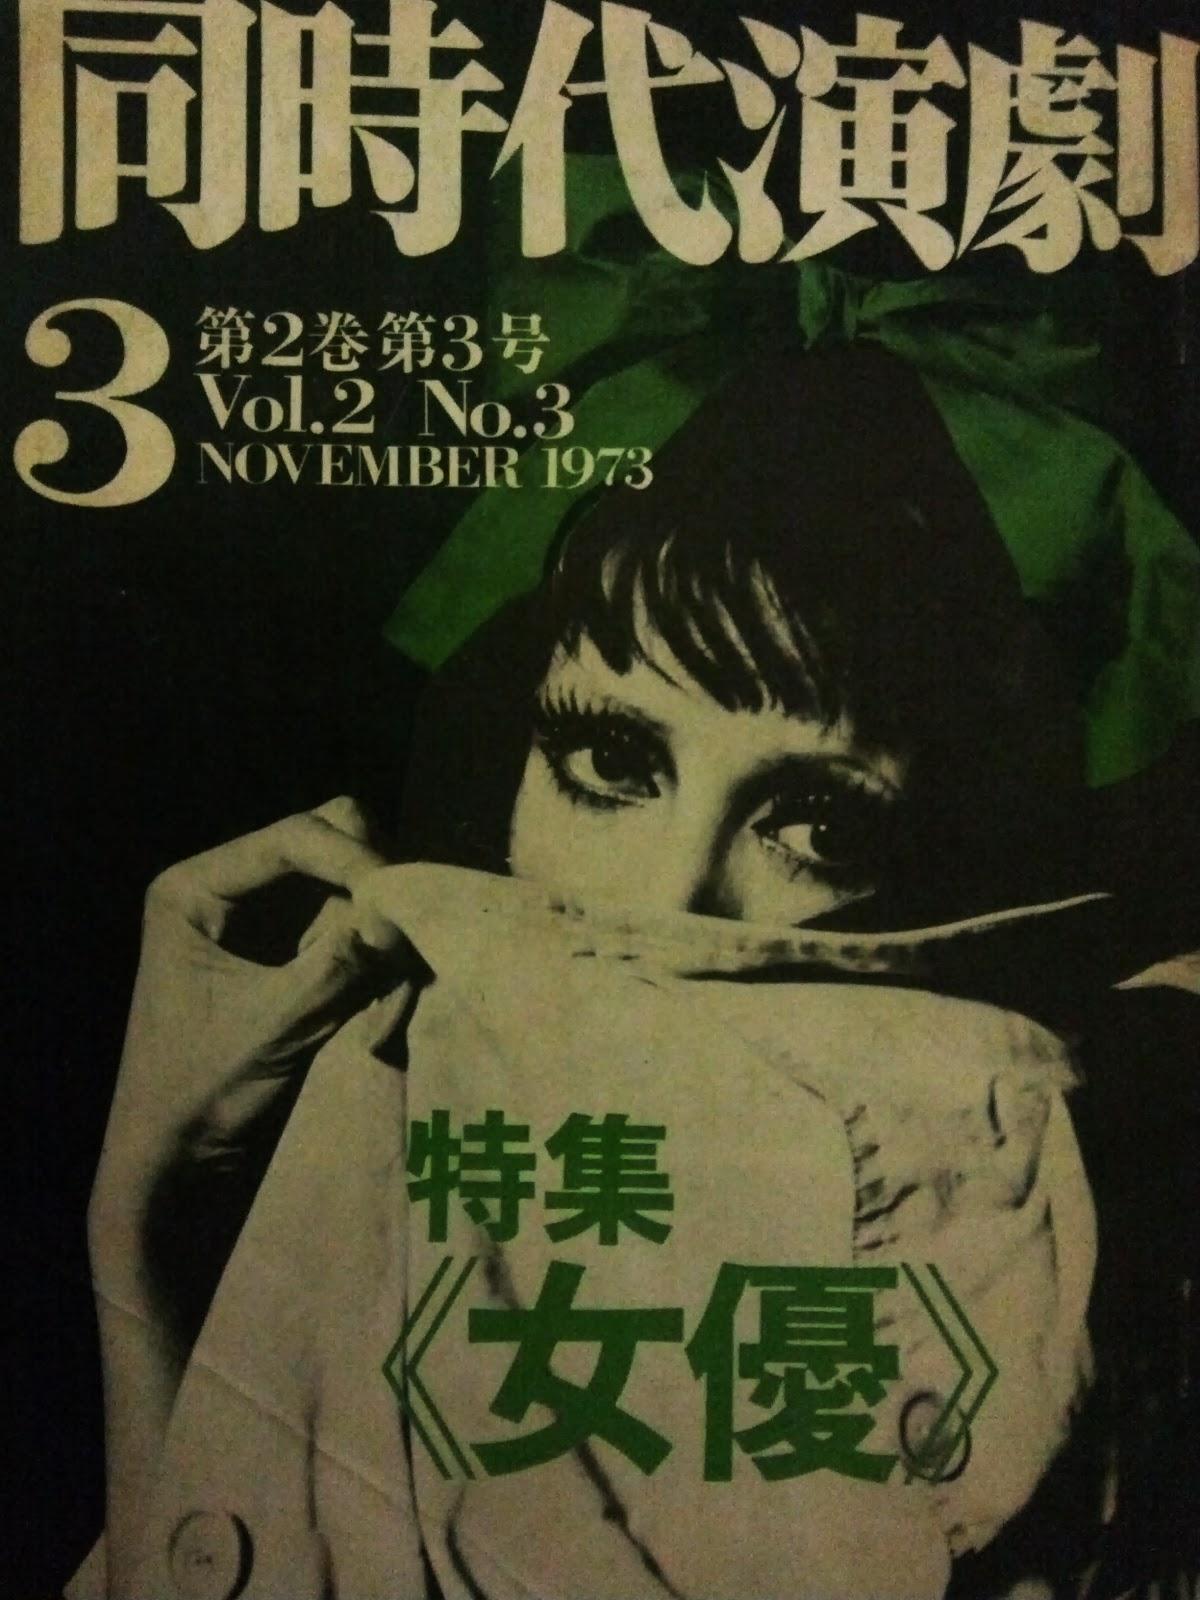 緑魔子の画像 p1_18